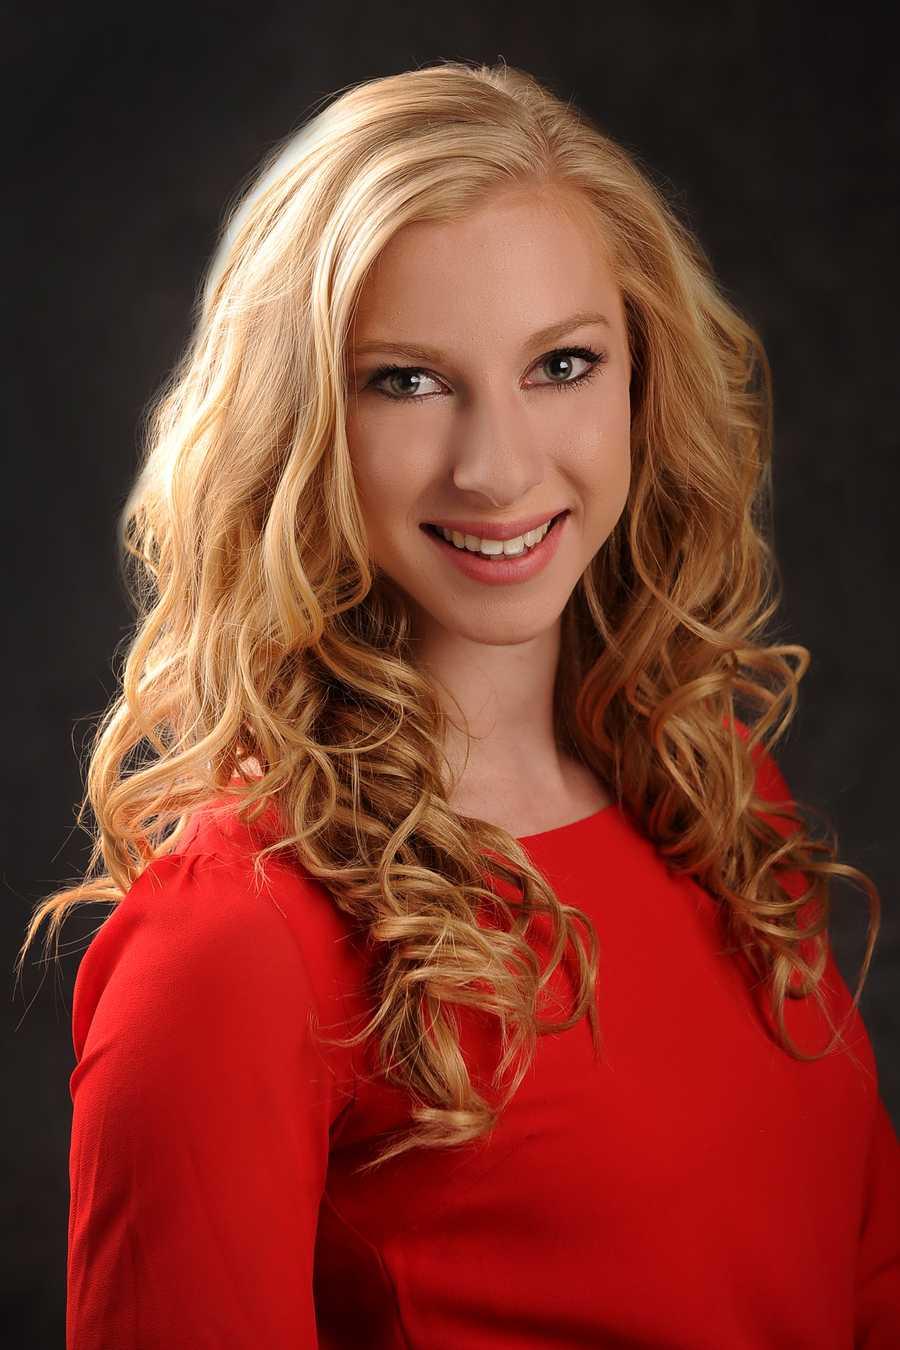 Amelia Legler, Miss Portales